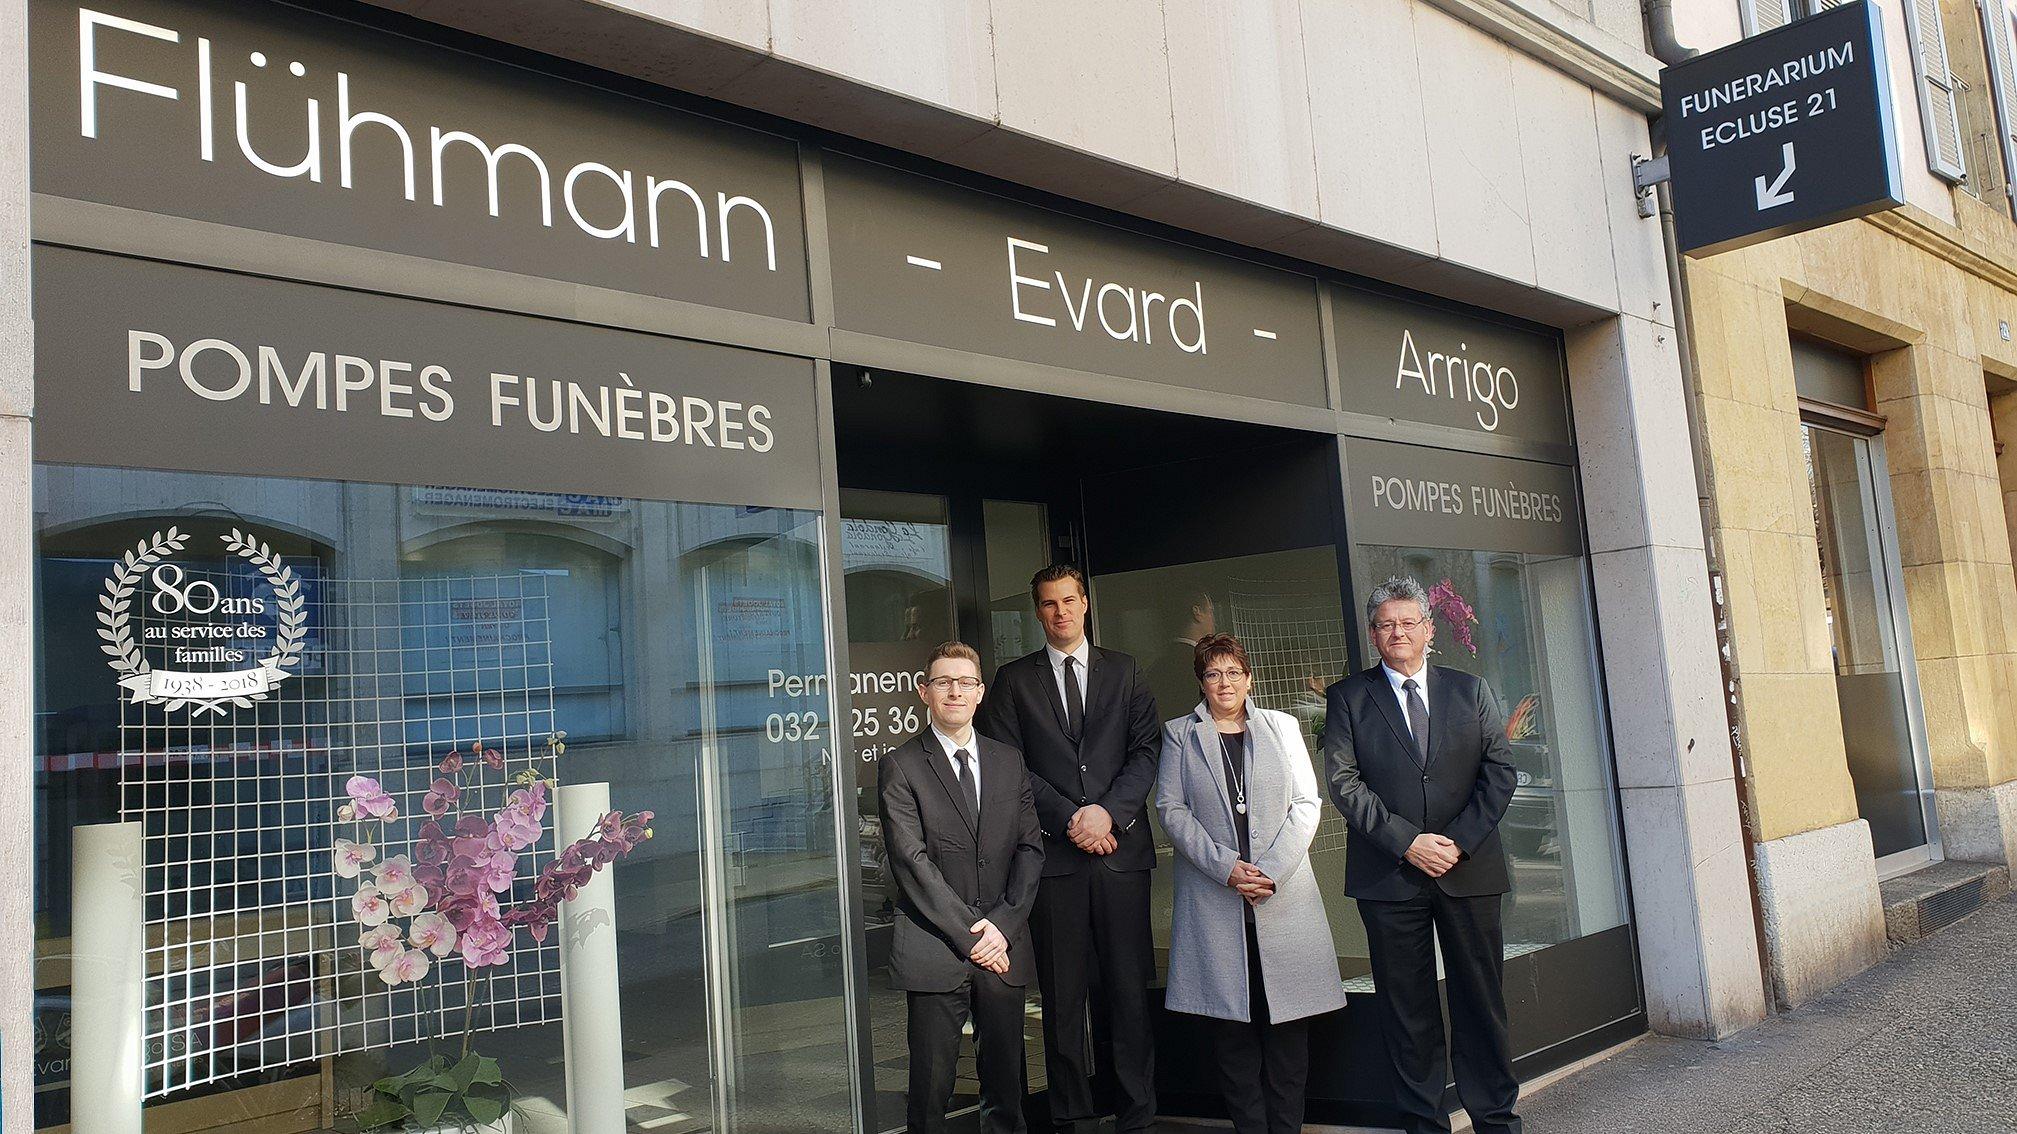 Pompes Funèbres Flühmann-Evard-Arrigo SA Funérarium